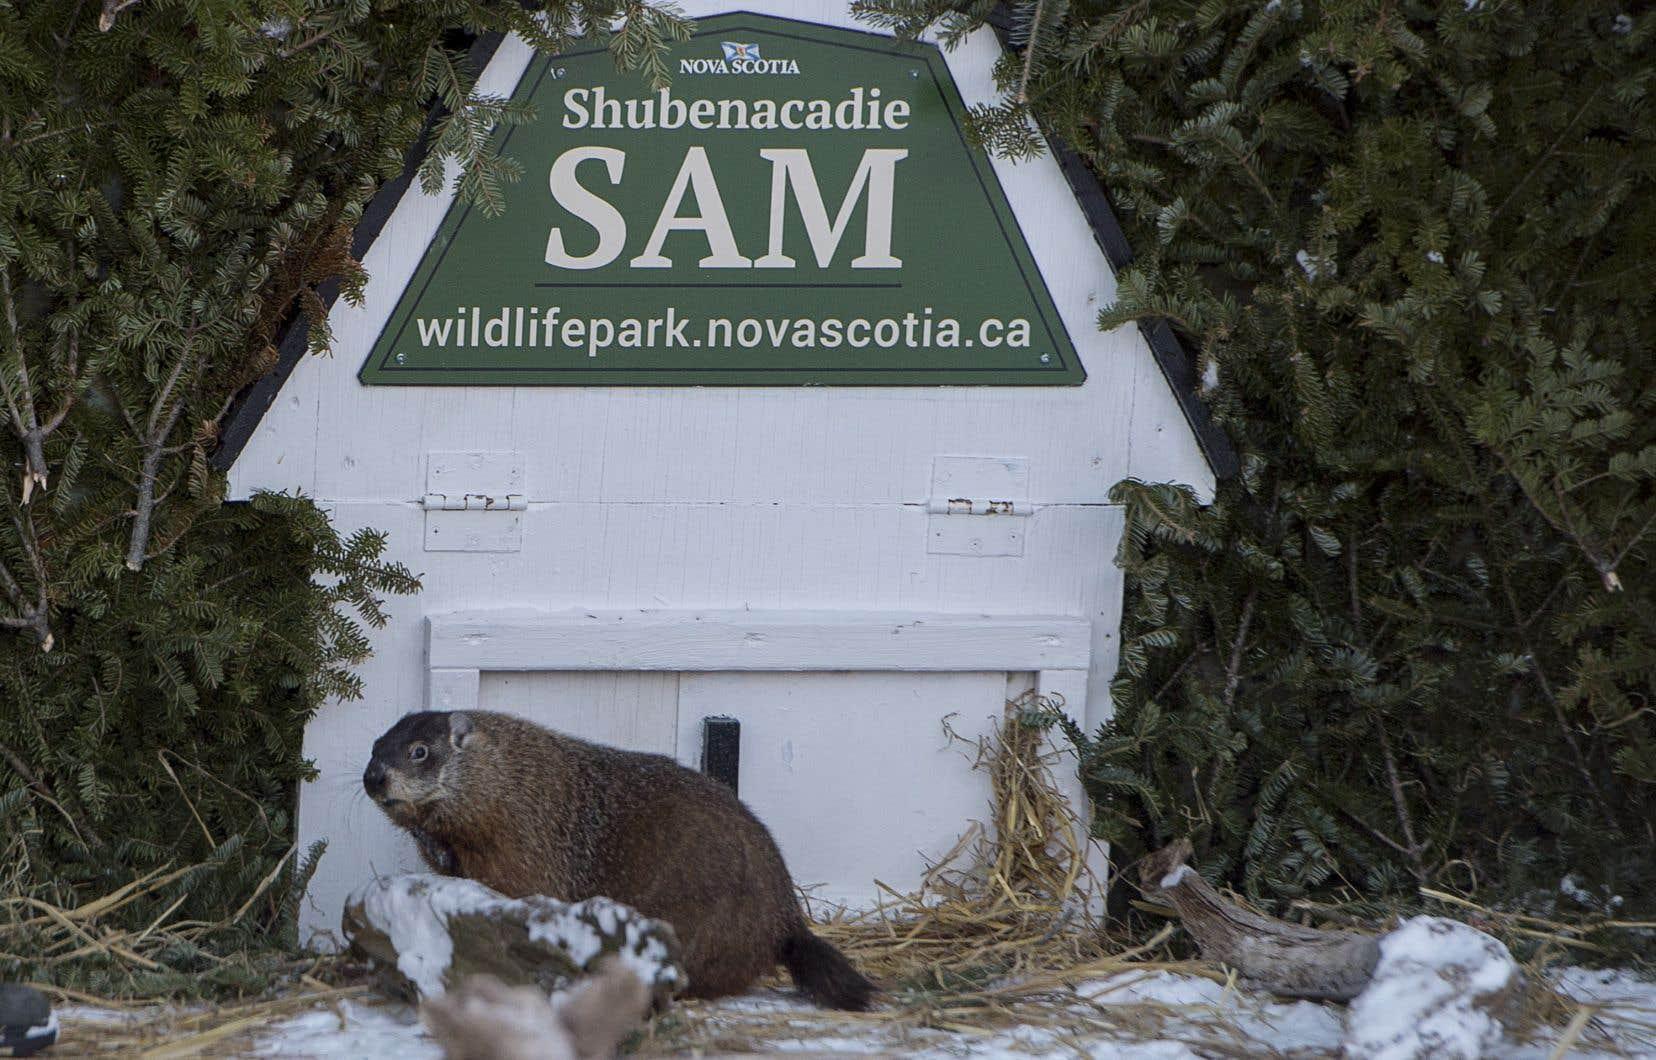 Shubenacadie Sam regarde autour de lui après avoir émergé de son terrier dans le parc animalier de Shubenacadie, en Nouvelle-Écosse.